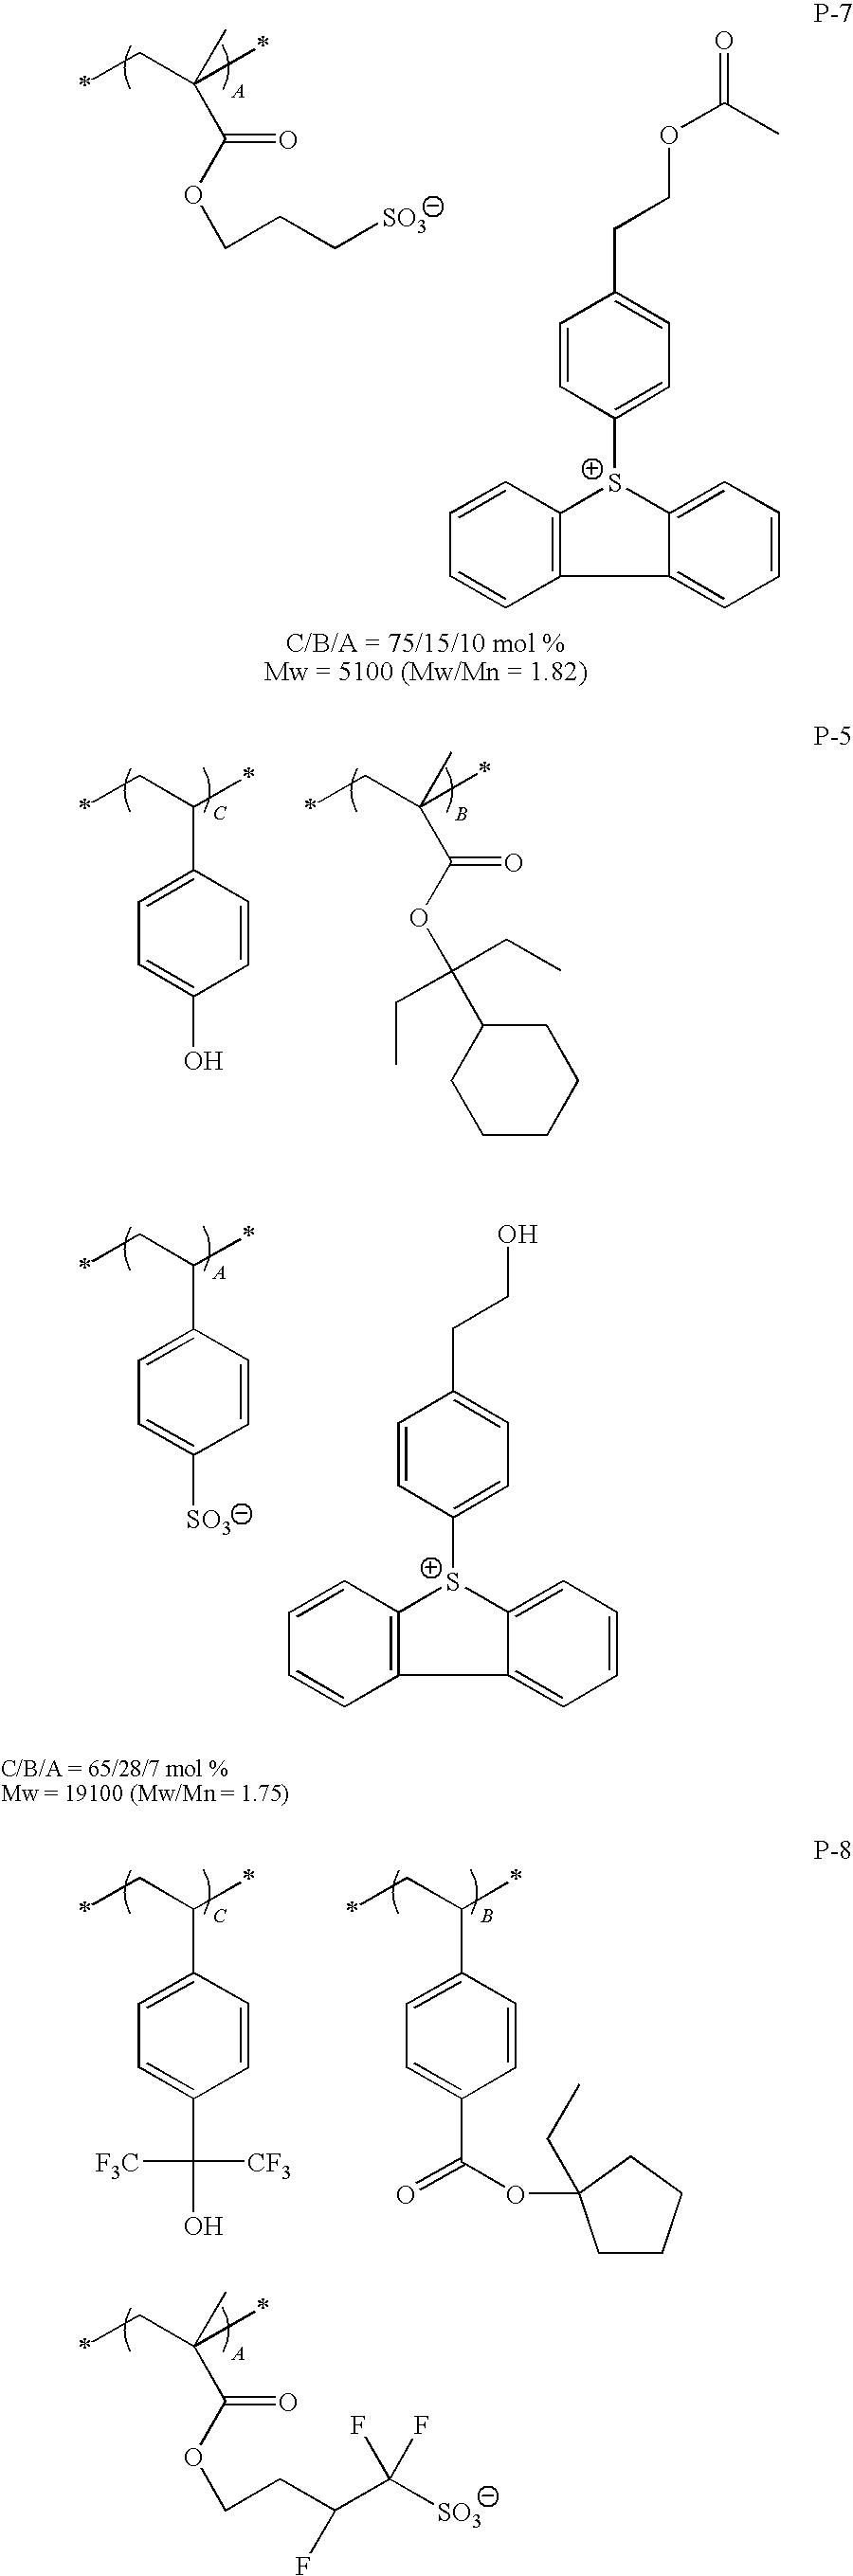 Figure US20100183975A1-20100722-C00237